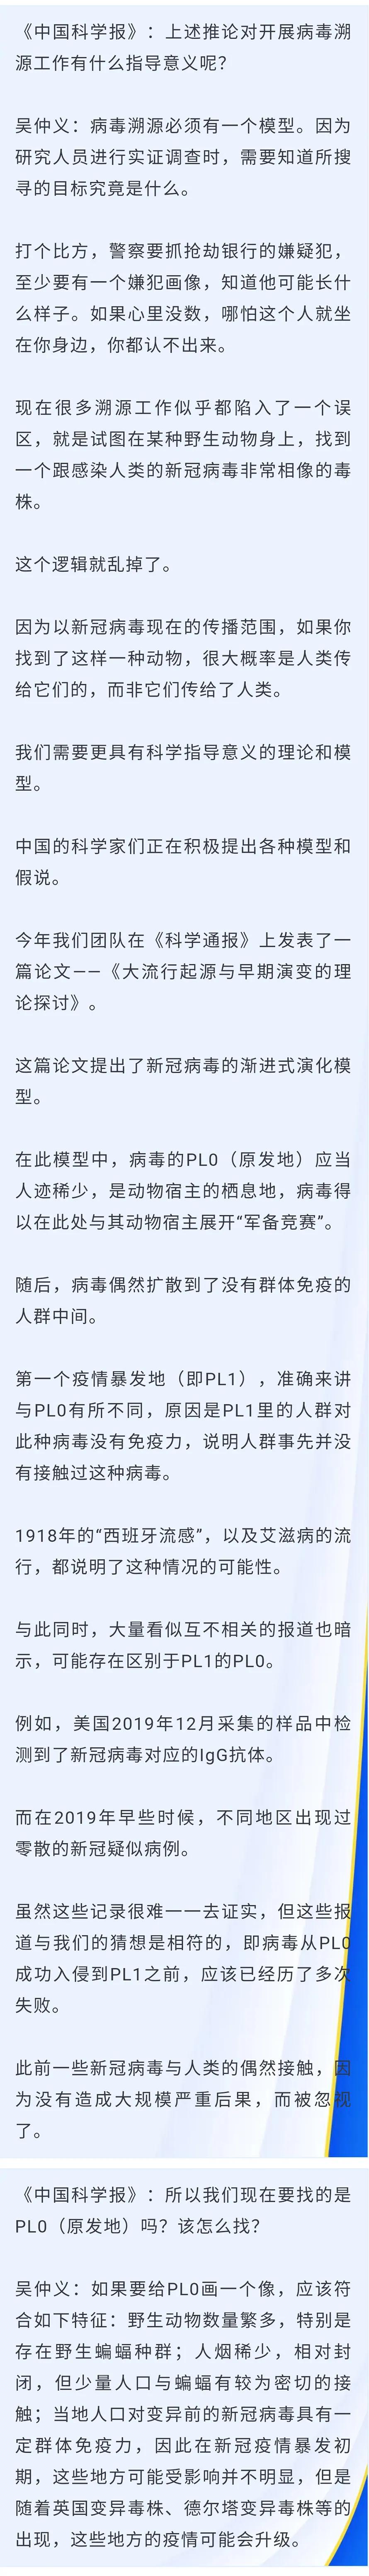 """20余位科學家鄭重發聲:新冠病毒""""不可能人為制造""""!"""